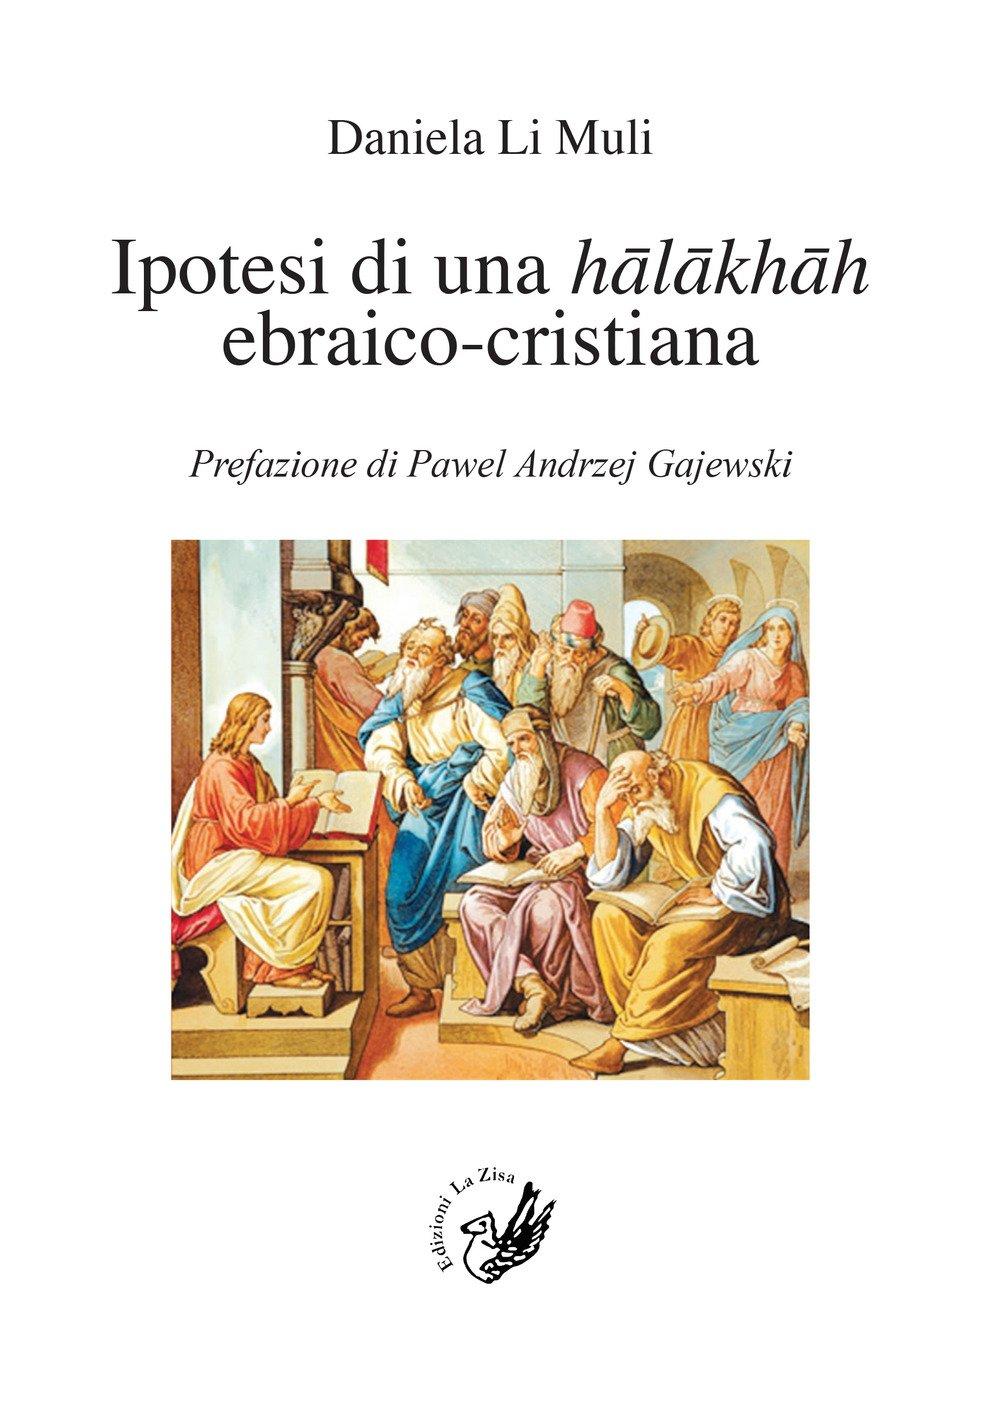 Ipotesi di una halakhah ebraico-cristiana